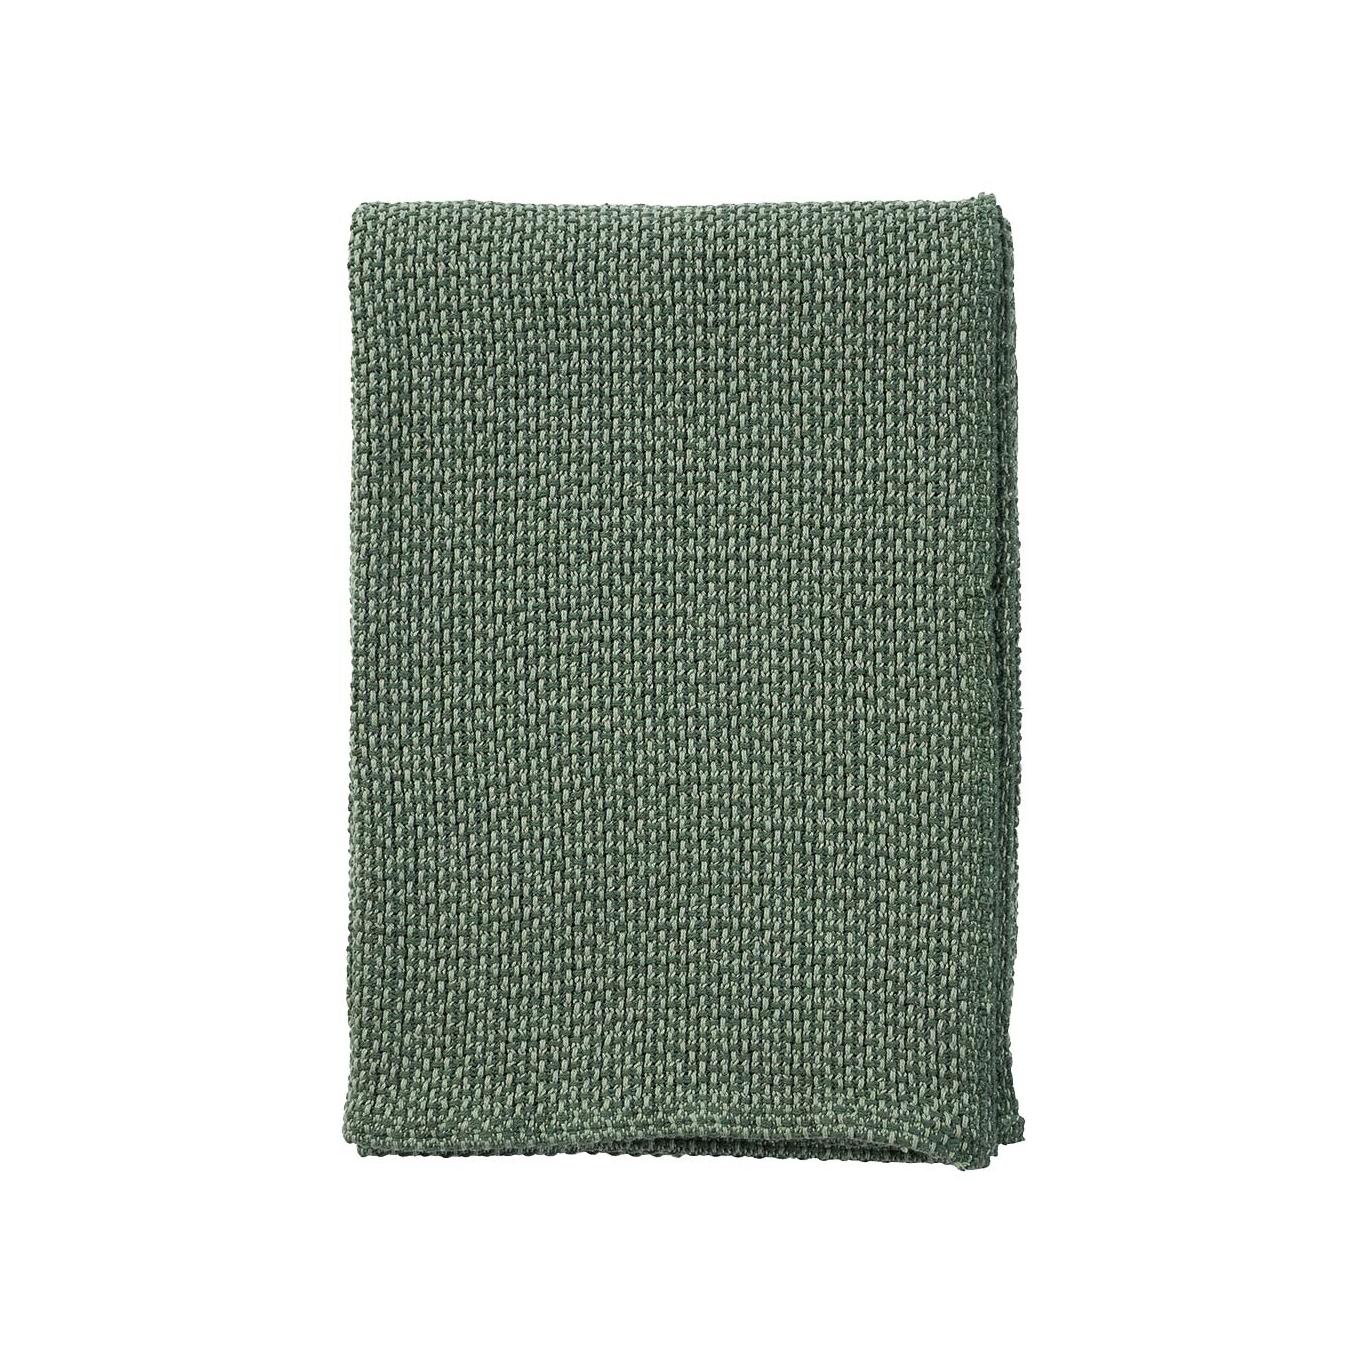 BASKET grön bomullsfilt, Klippan Yllefabrik